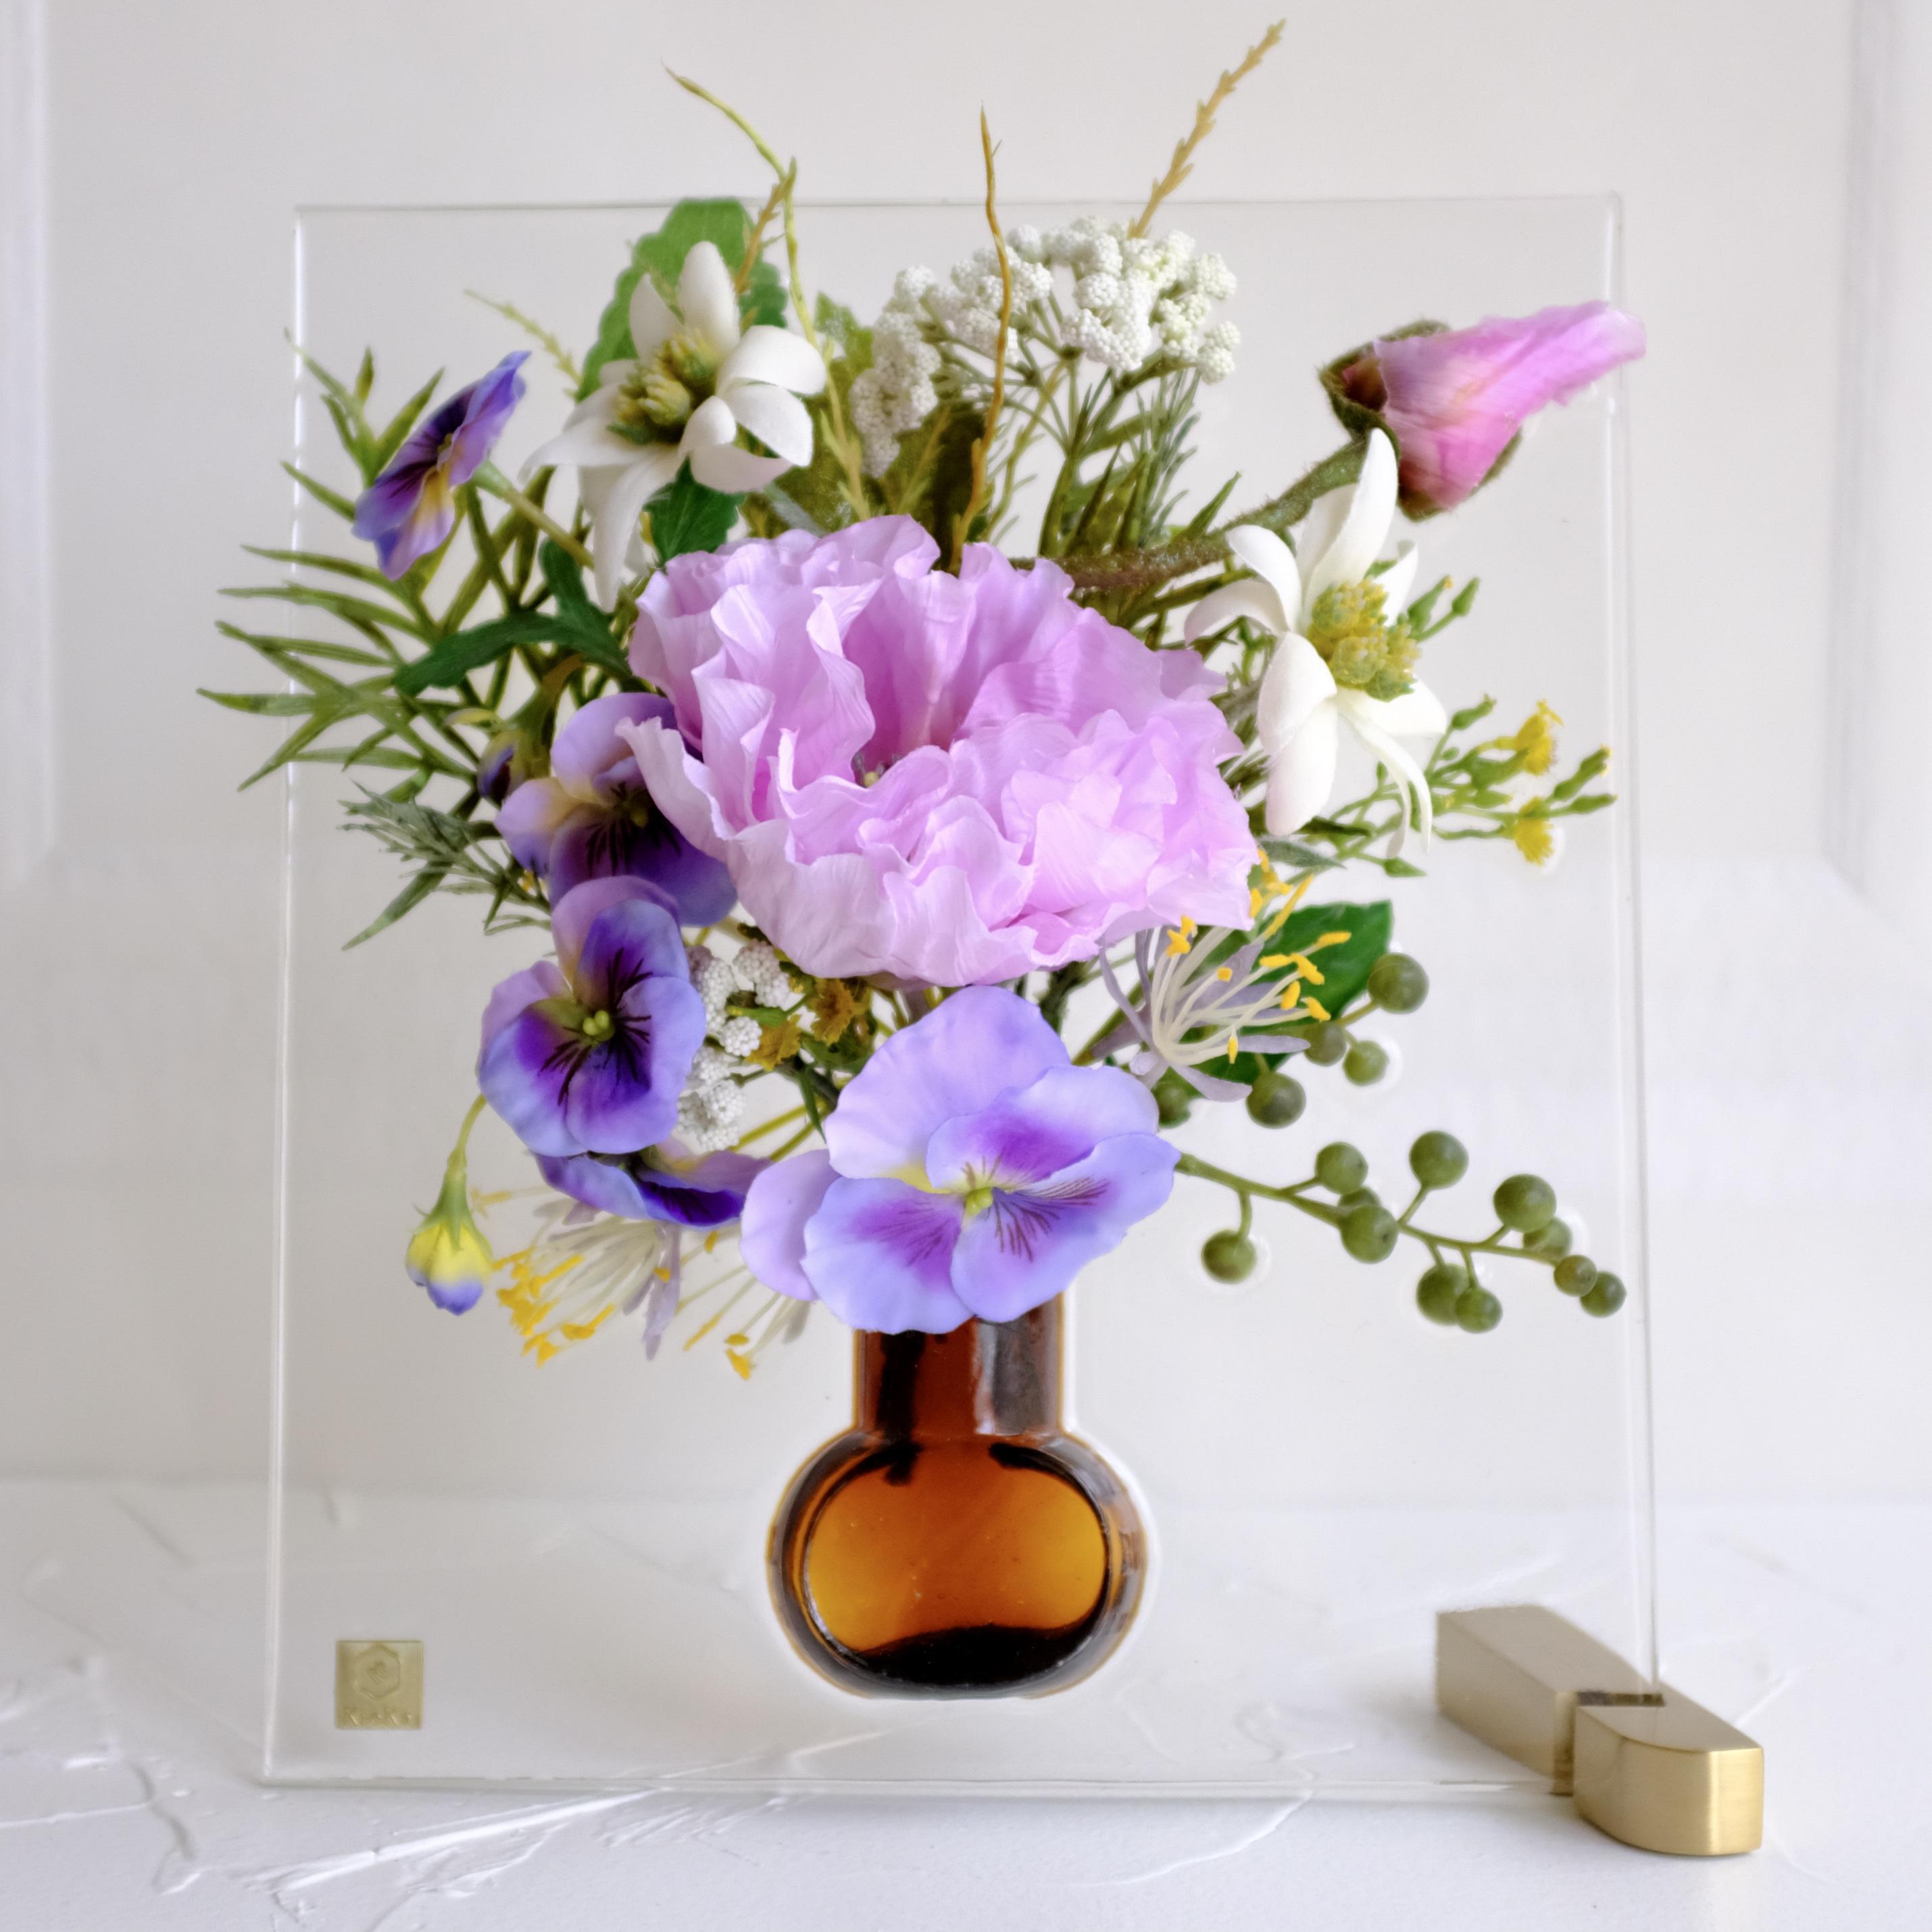 sumika M ポピーとフランネルフラワー ピンク アンティーク花瓶シリーズ